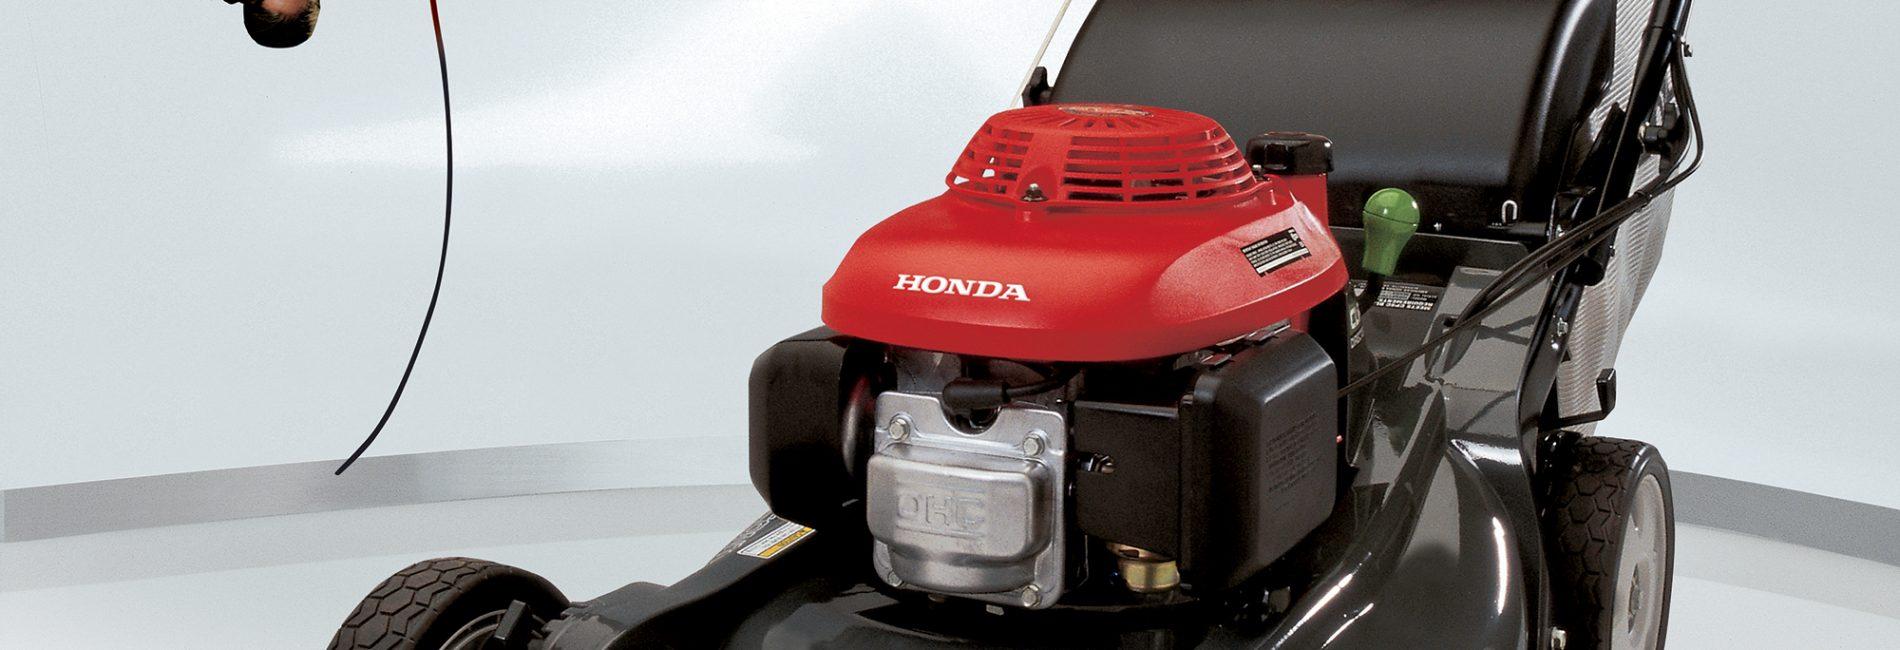 Honda HRX